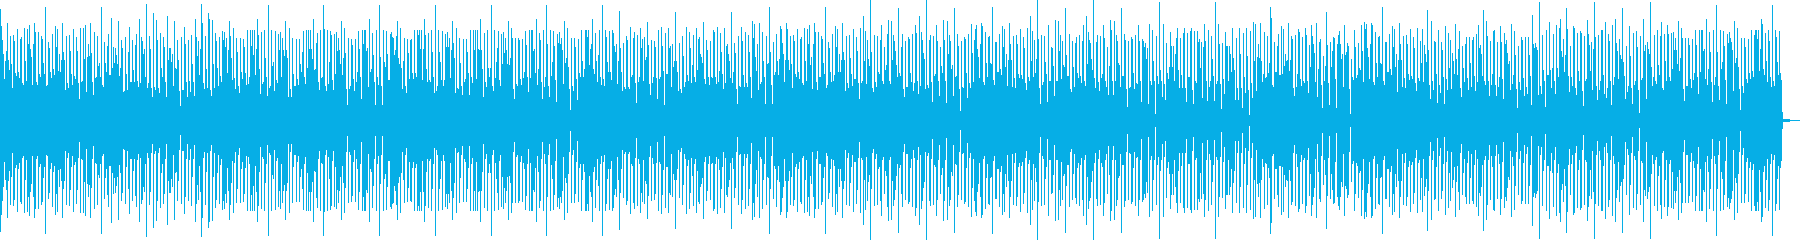 幼児の歩く姿をピアノで描写の再生済みの波形